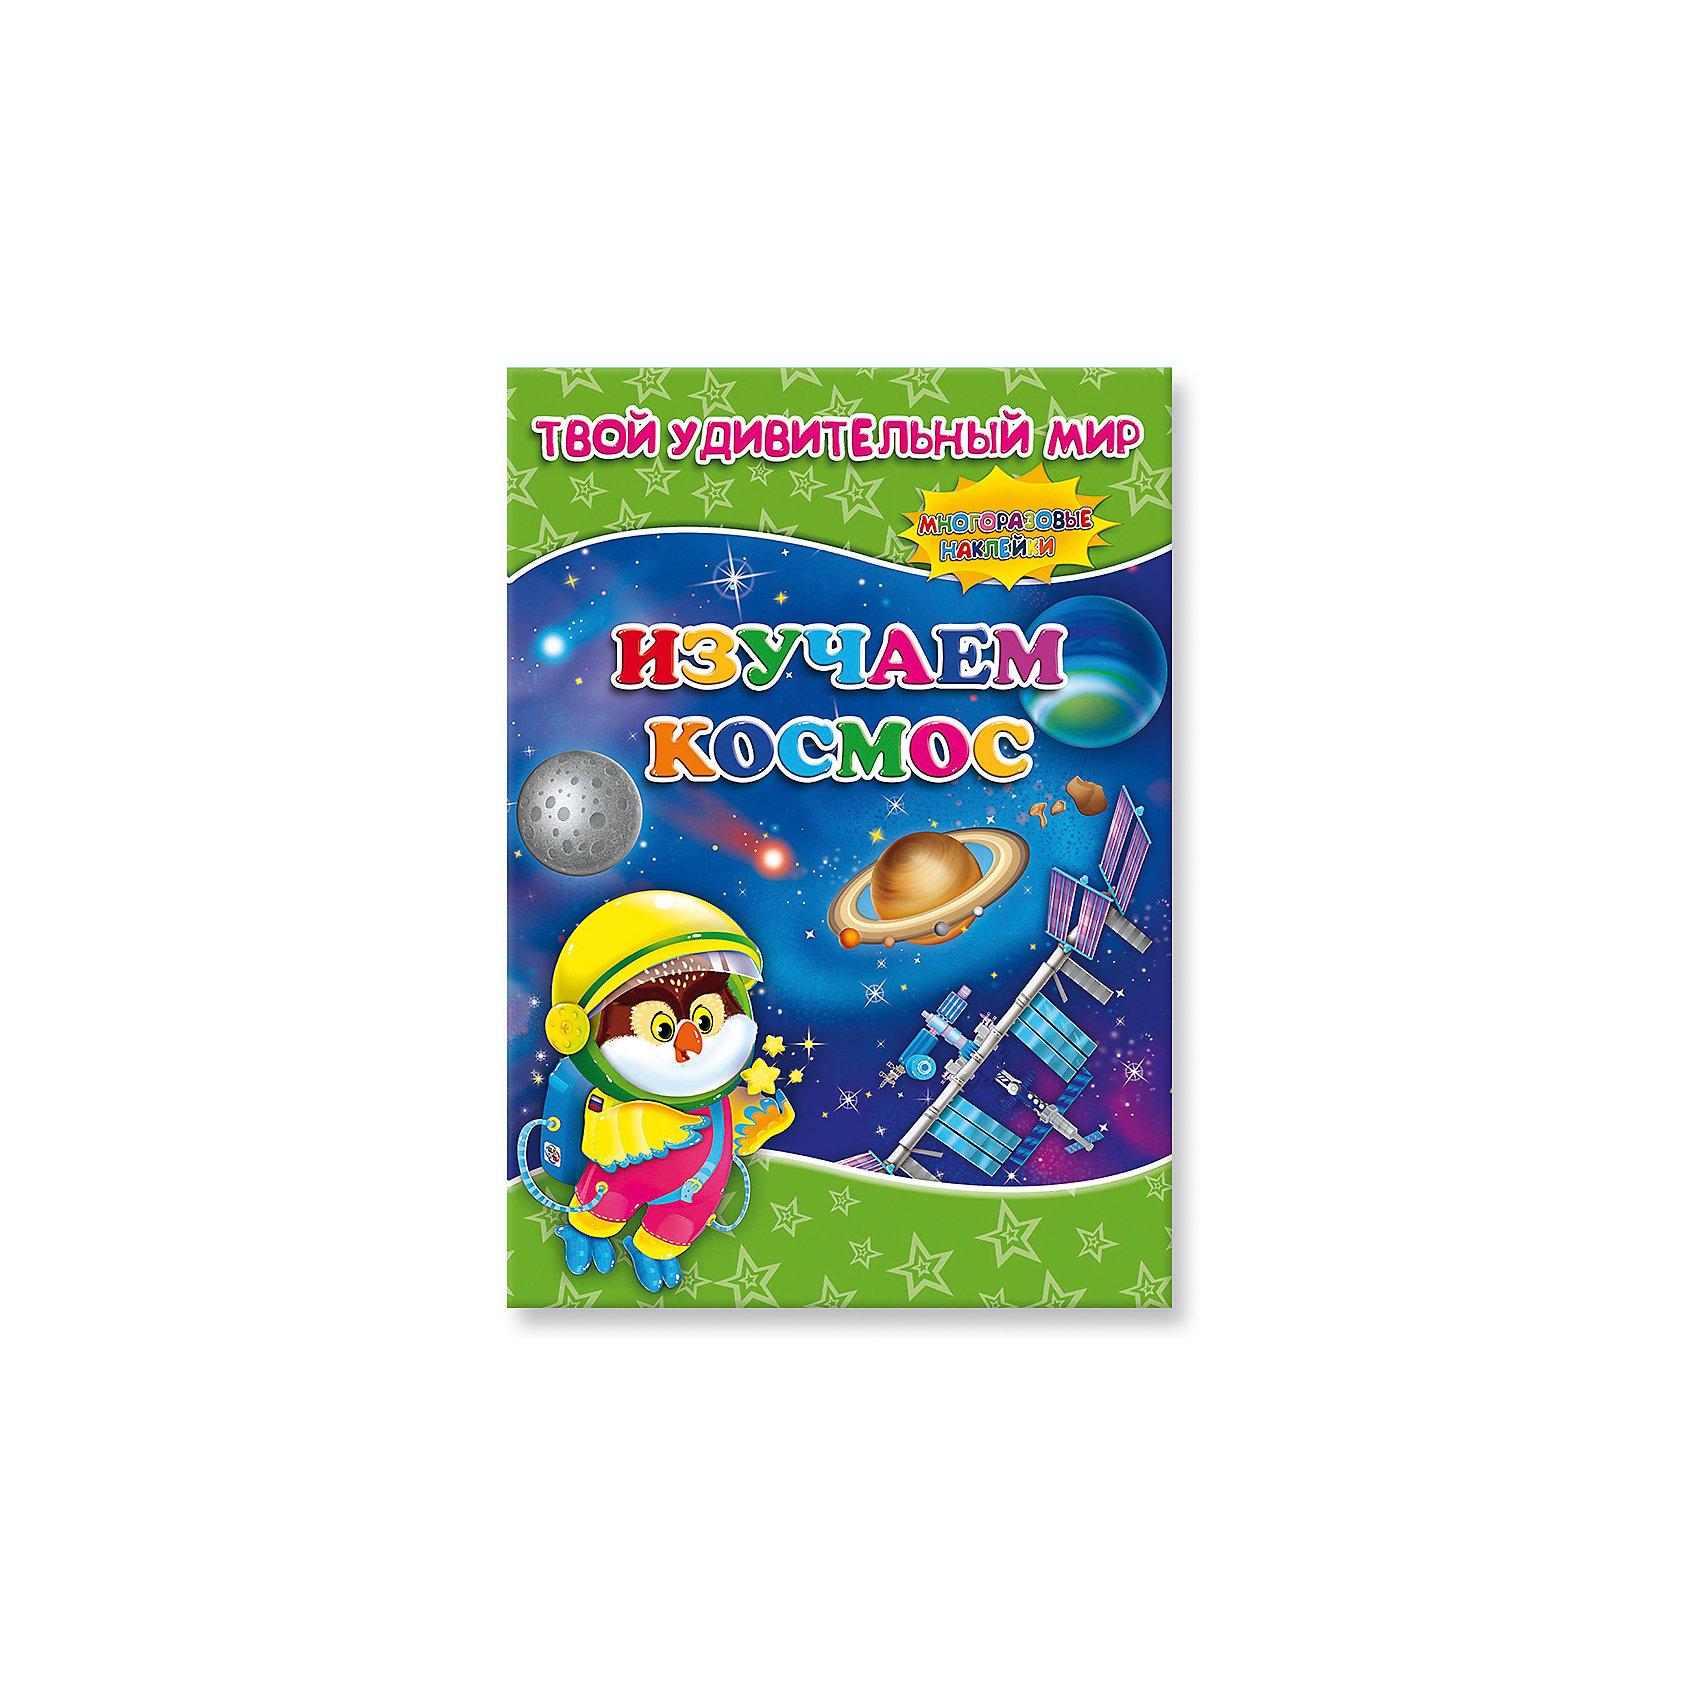 Книжка с наклейками Изучаем космос, Твой удивительный мирКнижка с наклейками «Изучаем космос» пополняет коллекцию серии «Твой удивительный мир» и приглашает малышей заглянуть в загадочный мир Вселенной.<br>Каждая страница — это новый этап изучения космоса: от знакомства с созвездиями на ночном небе до похода в музей космонавтики.<br>Расклеивая наклейки, малыши узнают, какие планеты есть в Солнечной системе, какие космические аппараты помогают людям исследовать космос. Побывают в особенном «космическом доме» - здесь космонавты живут и занимаются научными работами, и обязательно - на космодроме. Ведь ракета взлетает не с бетонной дорожки, как самолёт, а со специальной стартовой площадки вертикально вверх.<br>Всего в книжке 43 наклейки для составления картинок и выполнения простых заданий. Рекомендовано для детей от трёх лет.<br>Мягкий переплет.<br><br>Ширина мм: 215<br>Глубина мм: 297<br>Высота мм: 3<br>Вес г: 110<br>Возраст от месяцев: 36<br>Возраст до месяцев: 84<br>Пол: Унисекс<br>Возраст: Детский<br>SKU: 5423036